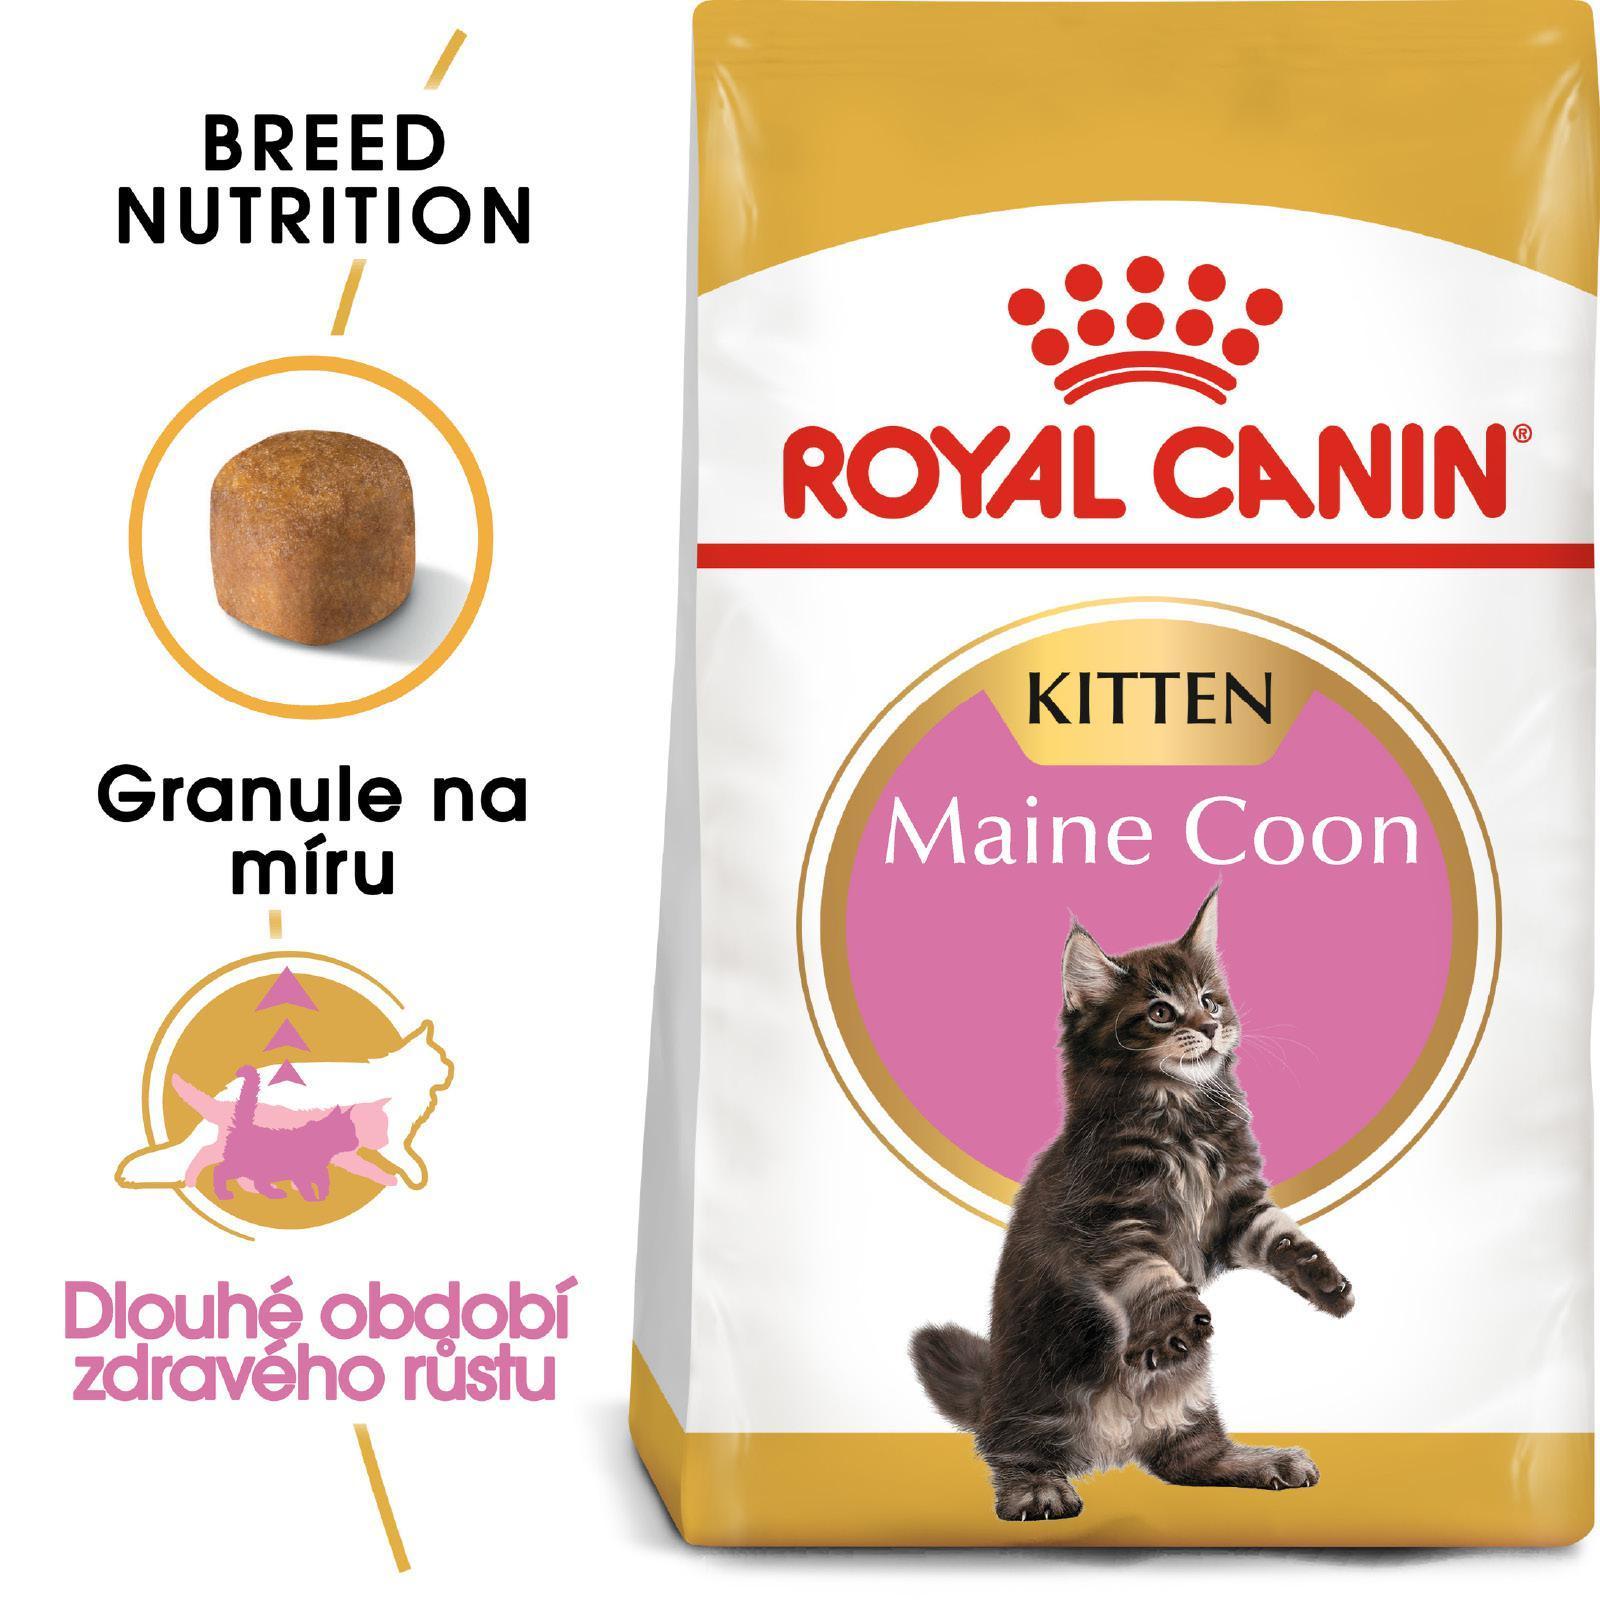 Royal Canin cat KITTEN MAIN COON